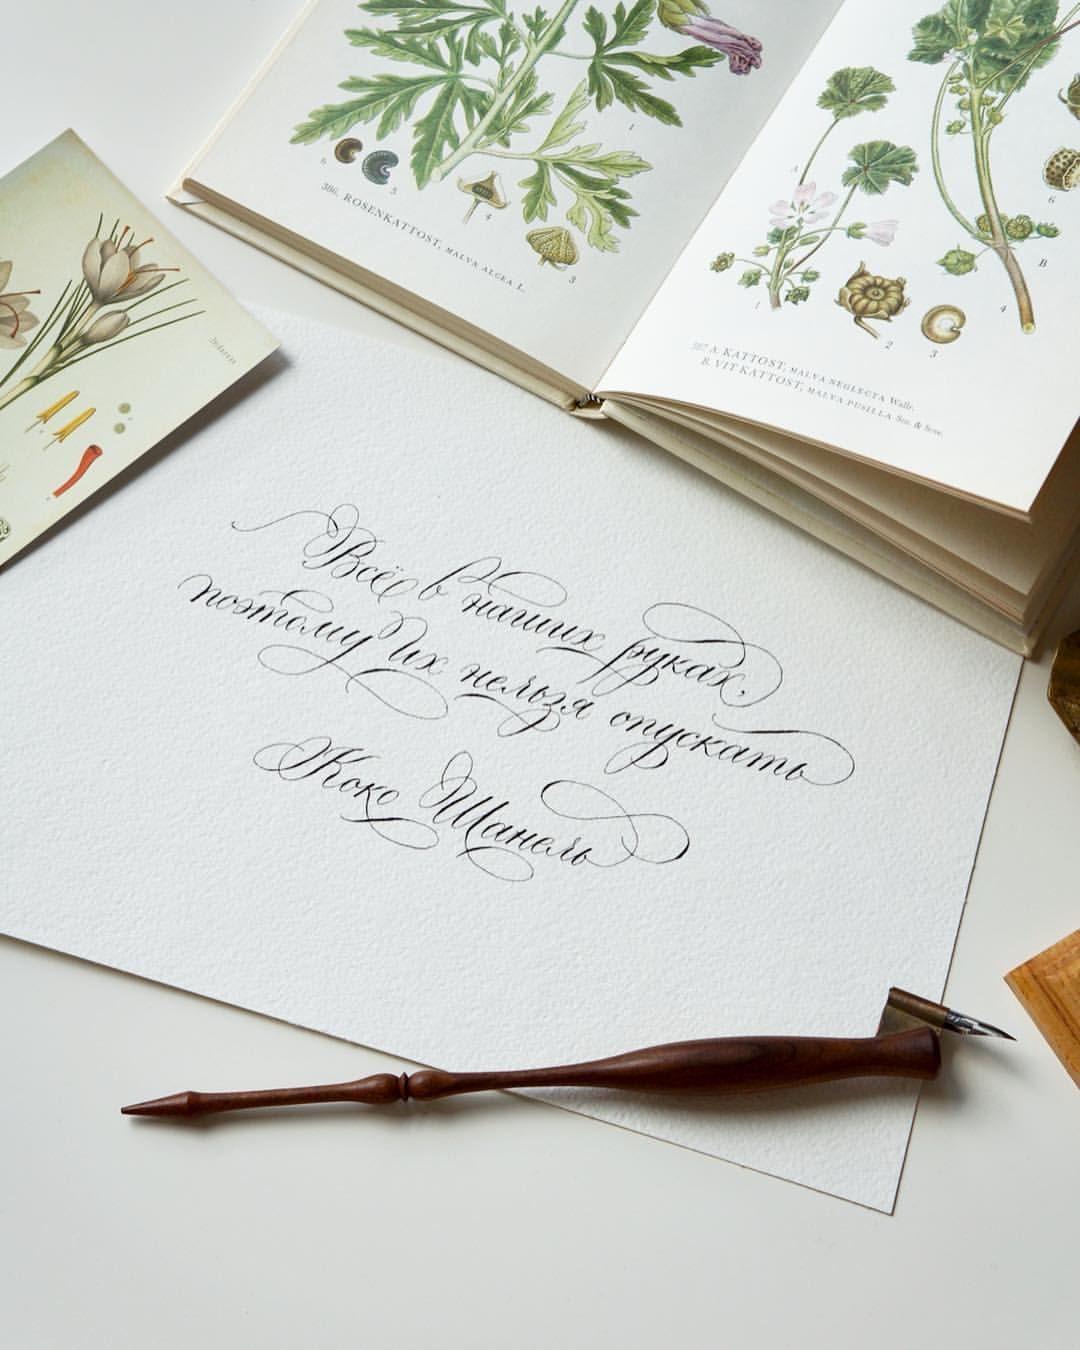 Где девочка, каллиграфия подписать открытку